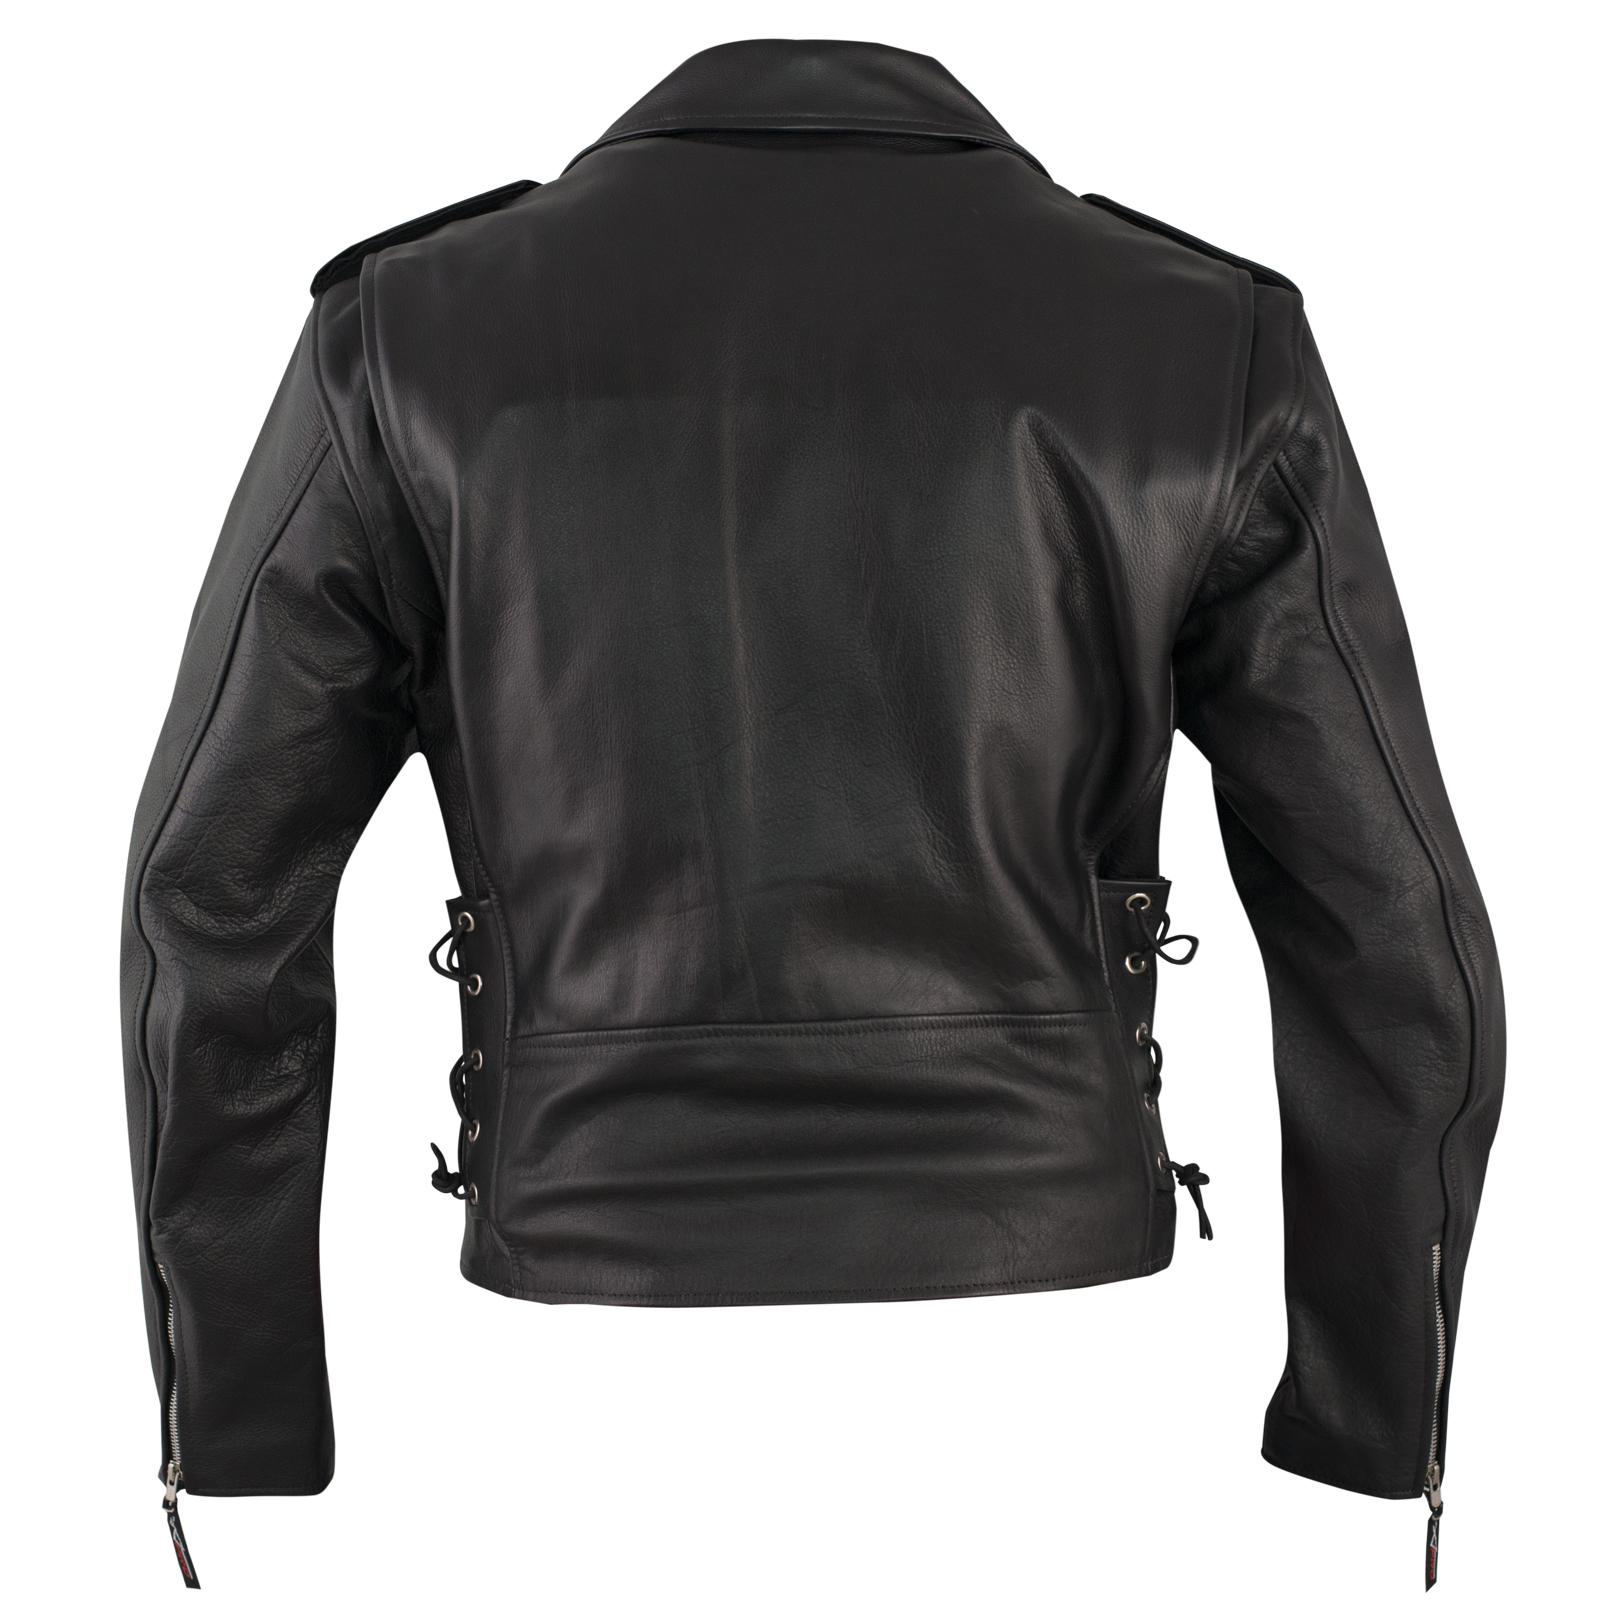 giacca moto pelle che taglia prendere